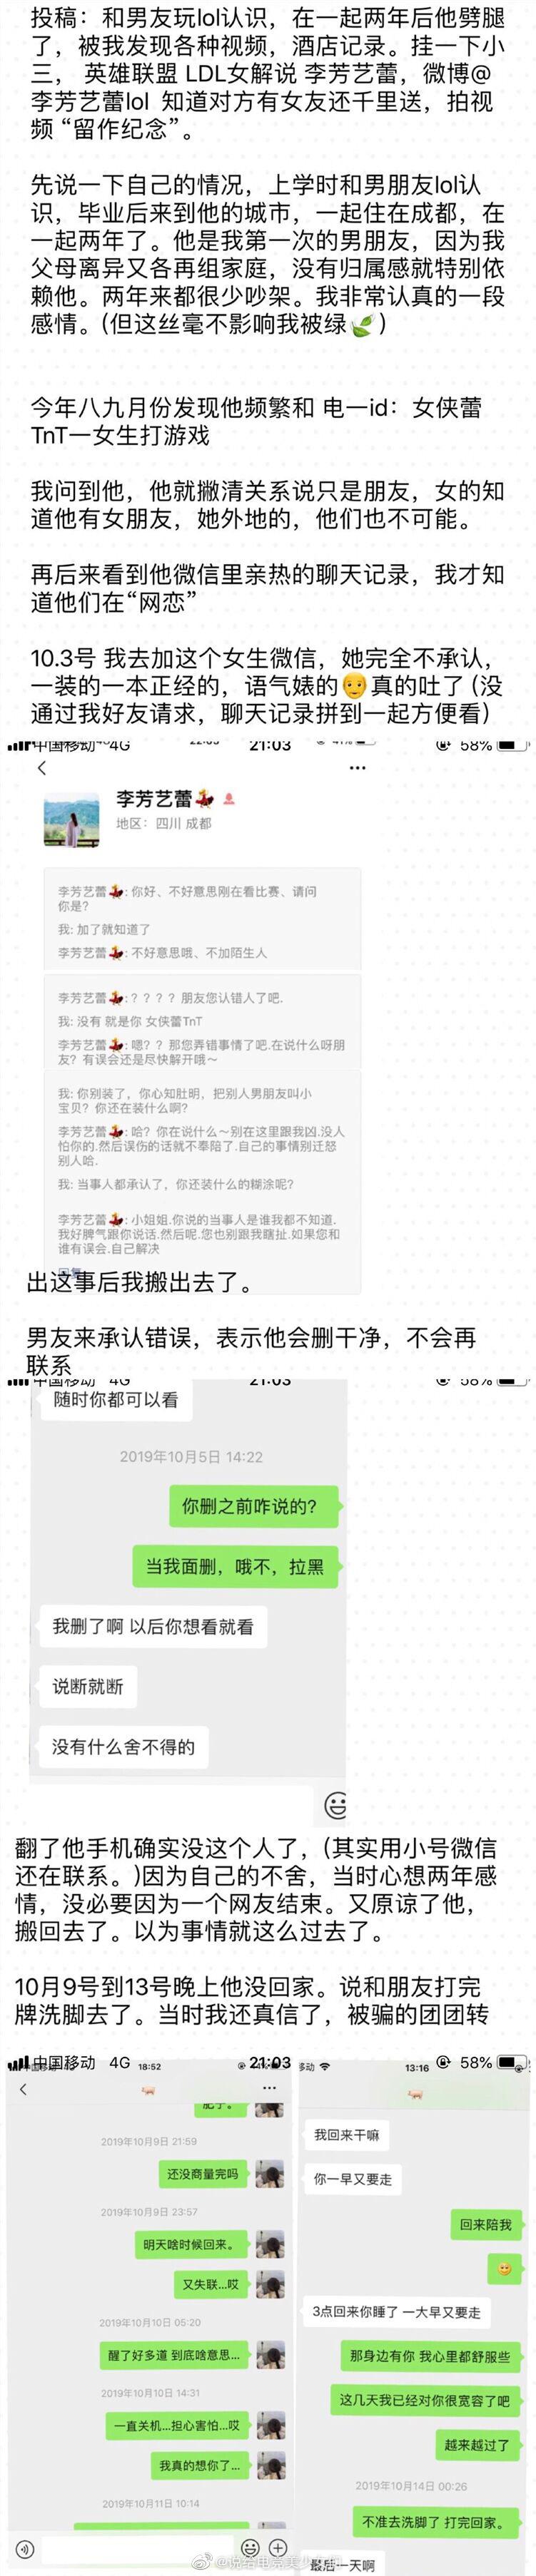 德杯最**解说李芳艺蕾千里送真假?还拍视频给被绿者炫耀战绩